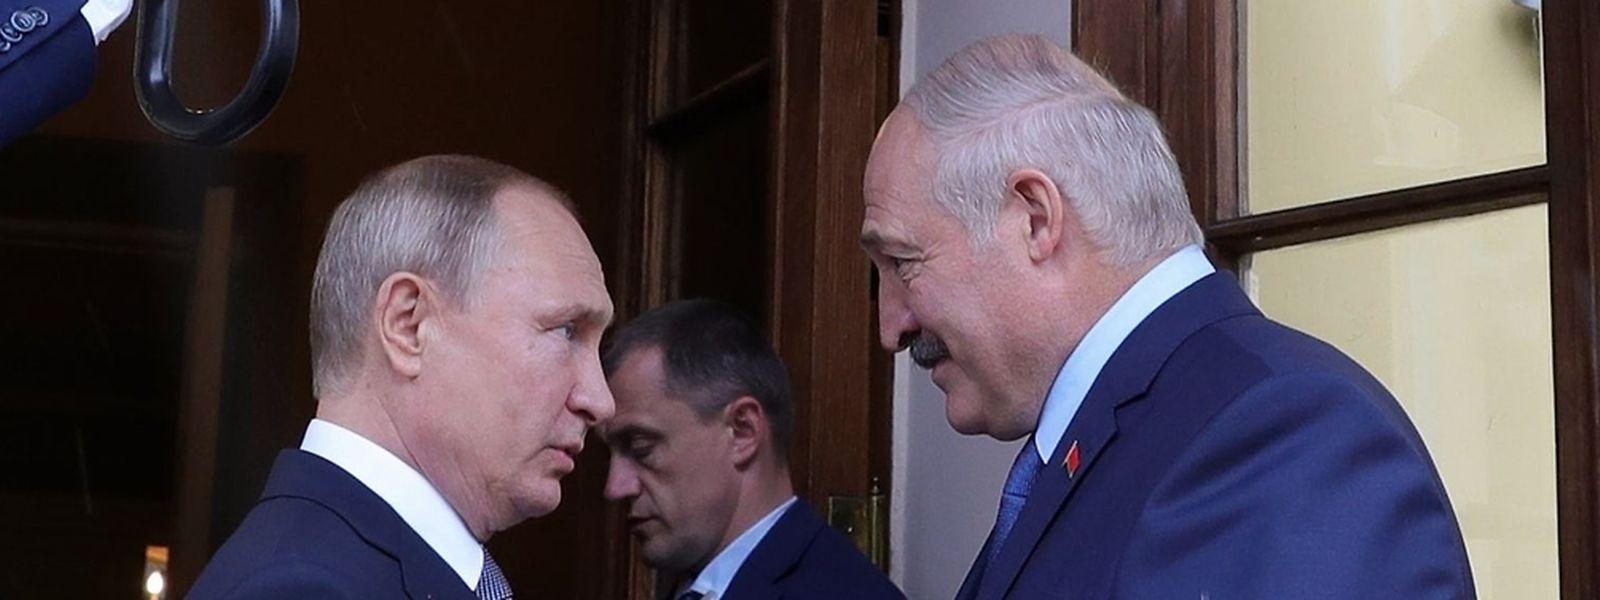 Der Ausgang der Gespräche zwischen Russlands Präsident Wladimir Putin und Alexander Lukaschenko – hier auf einem Archivfoto vom 18. Juli 2019 – ist ungewiss.